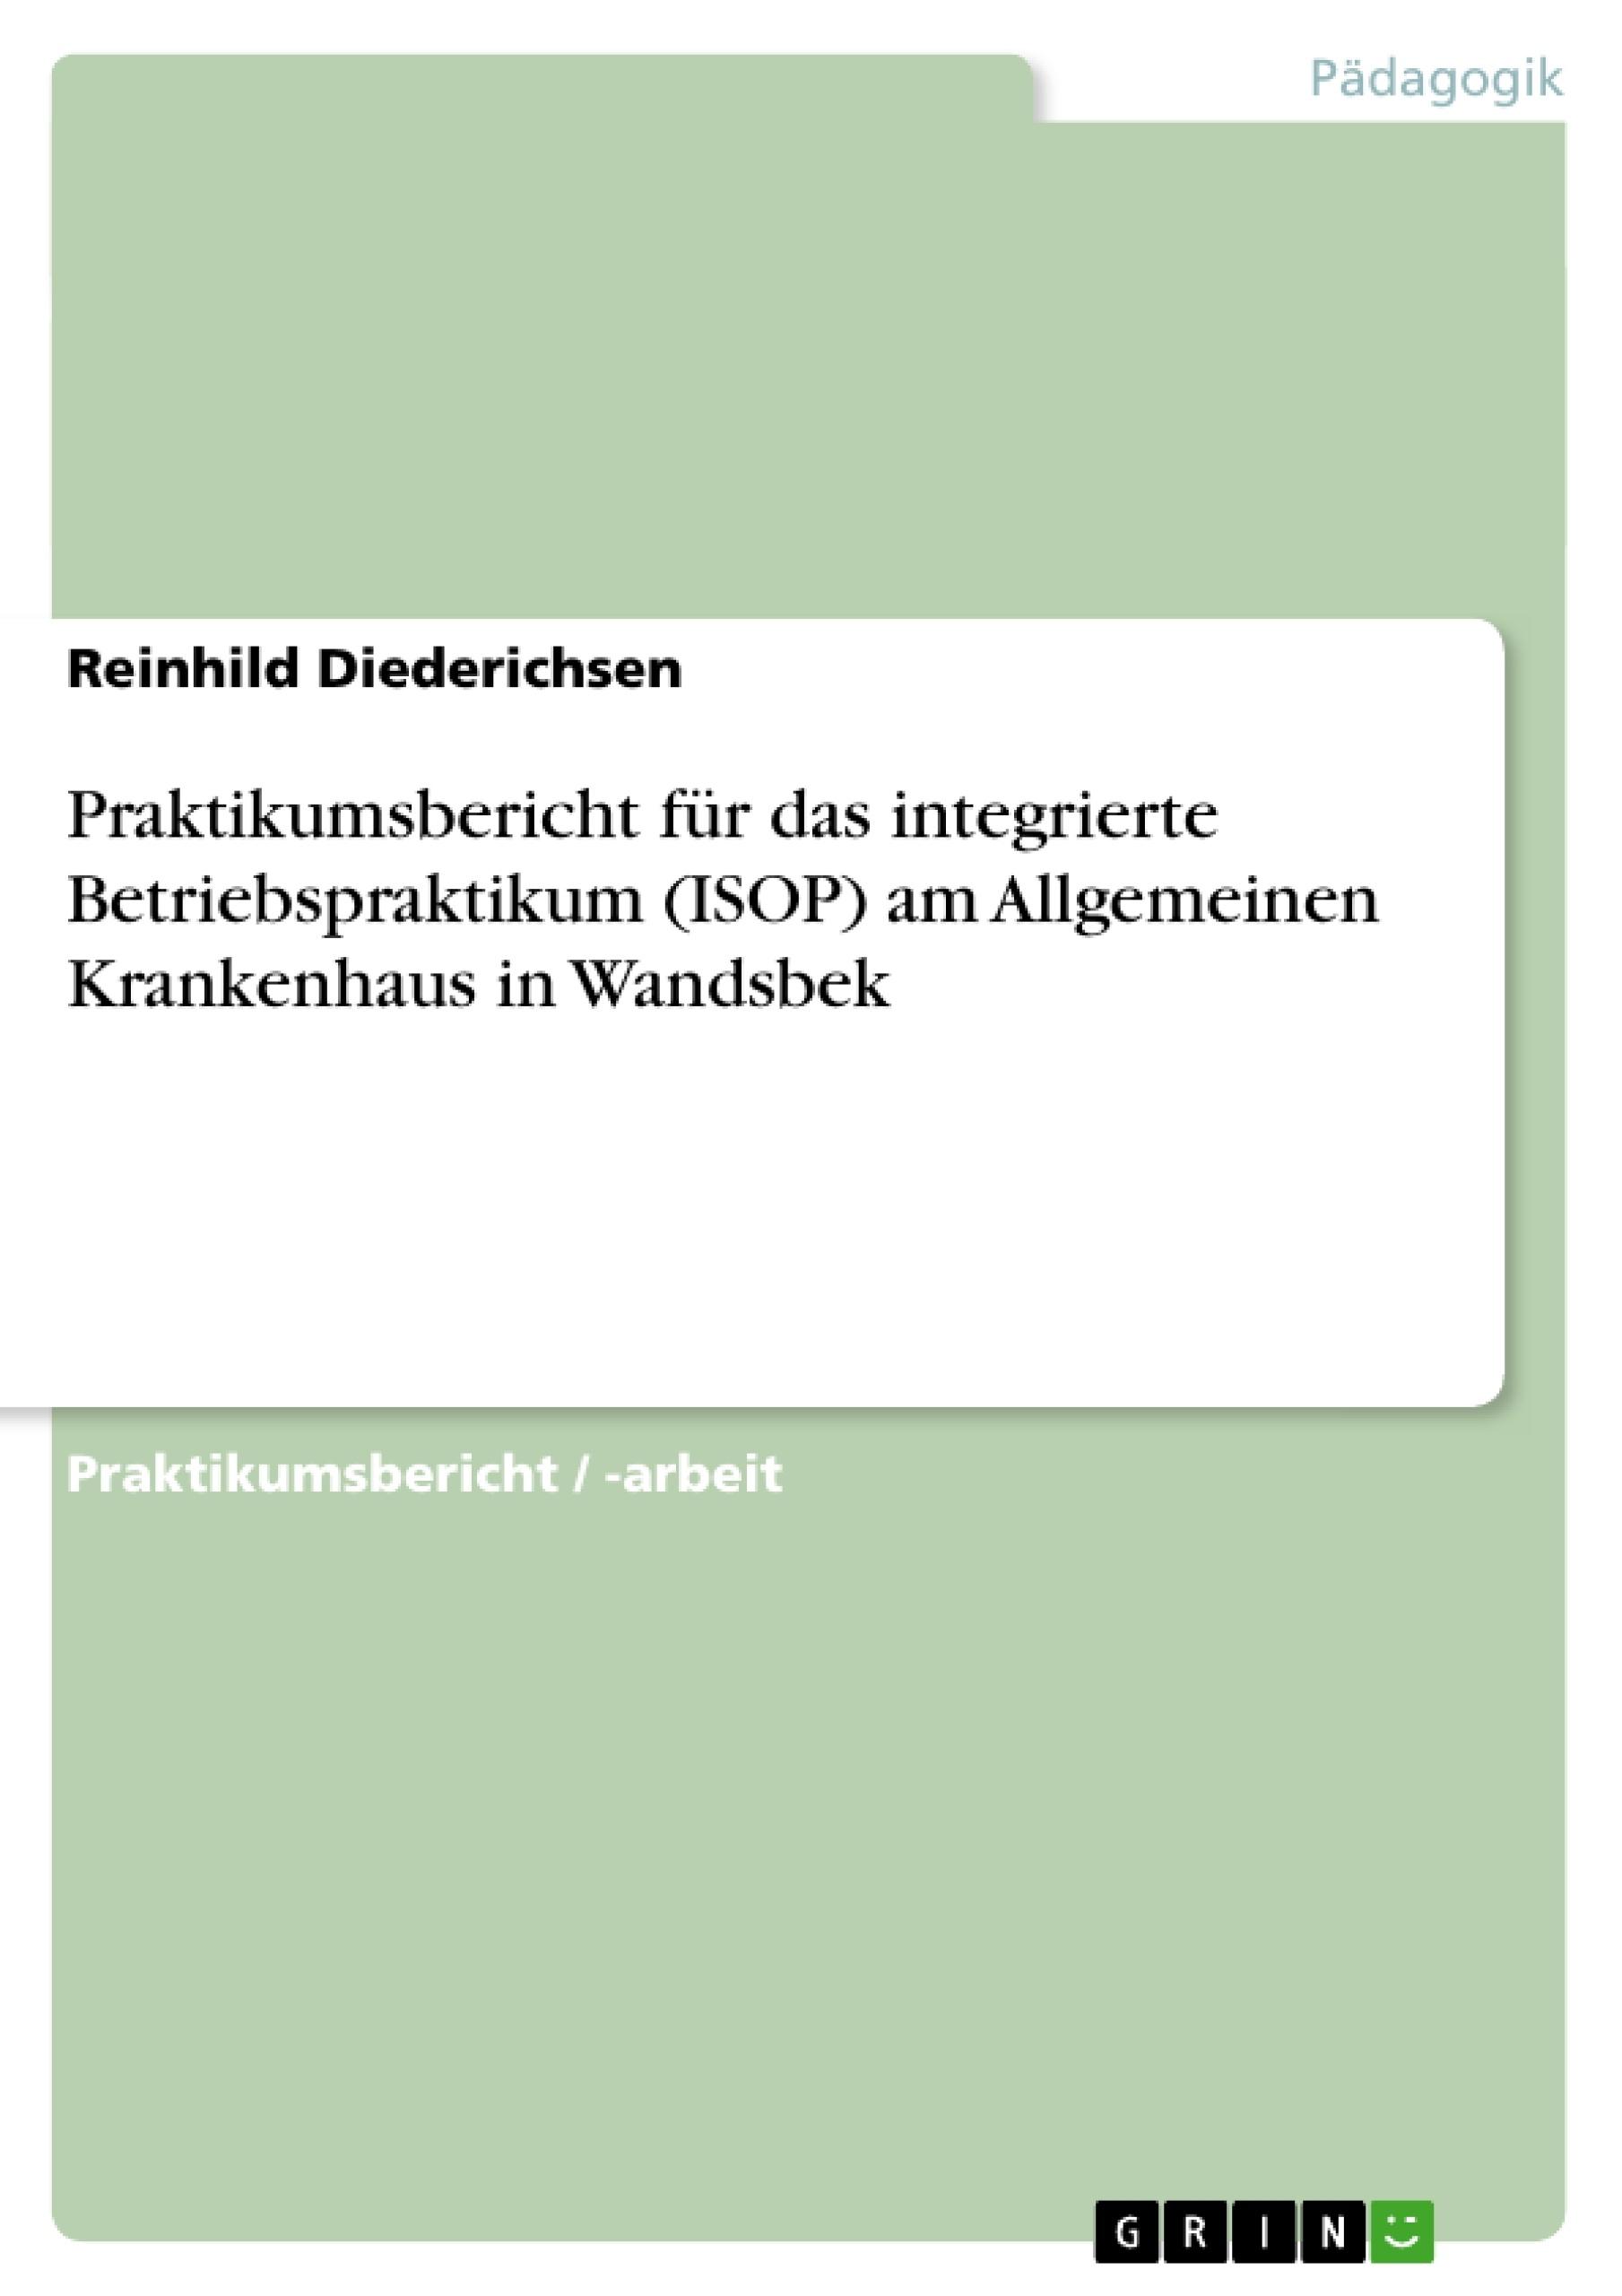 Titel: Praktikumsbericht für das integrierte Betriebspraktikum (ISOP) am Allgemeinen Krankenhaus in Wandsbek